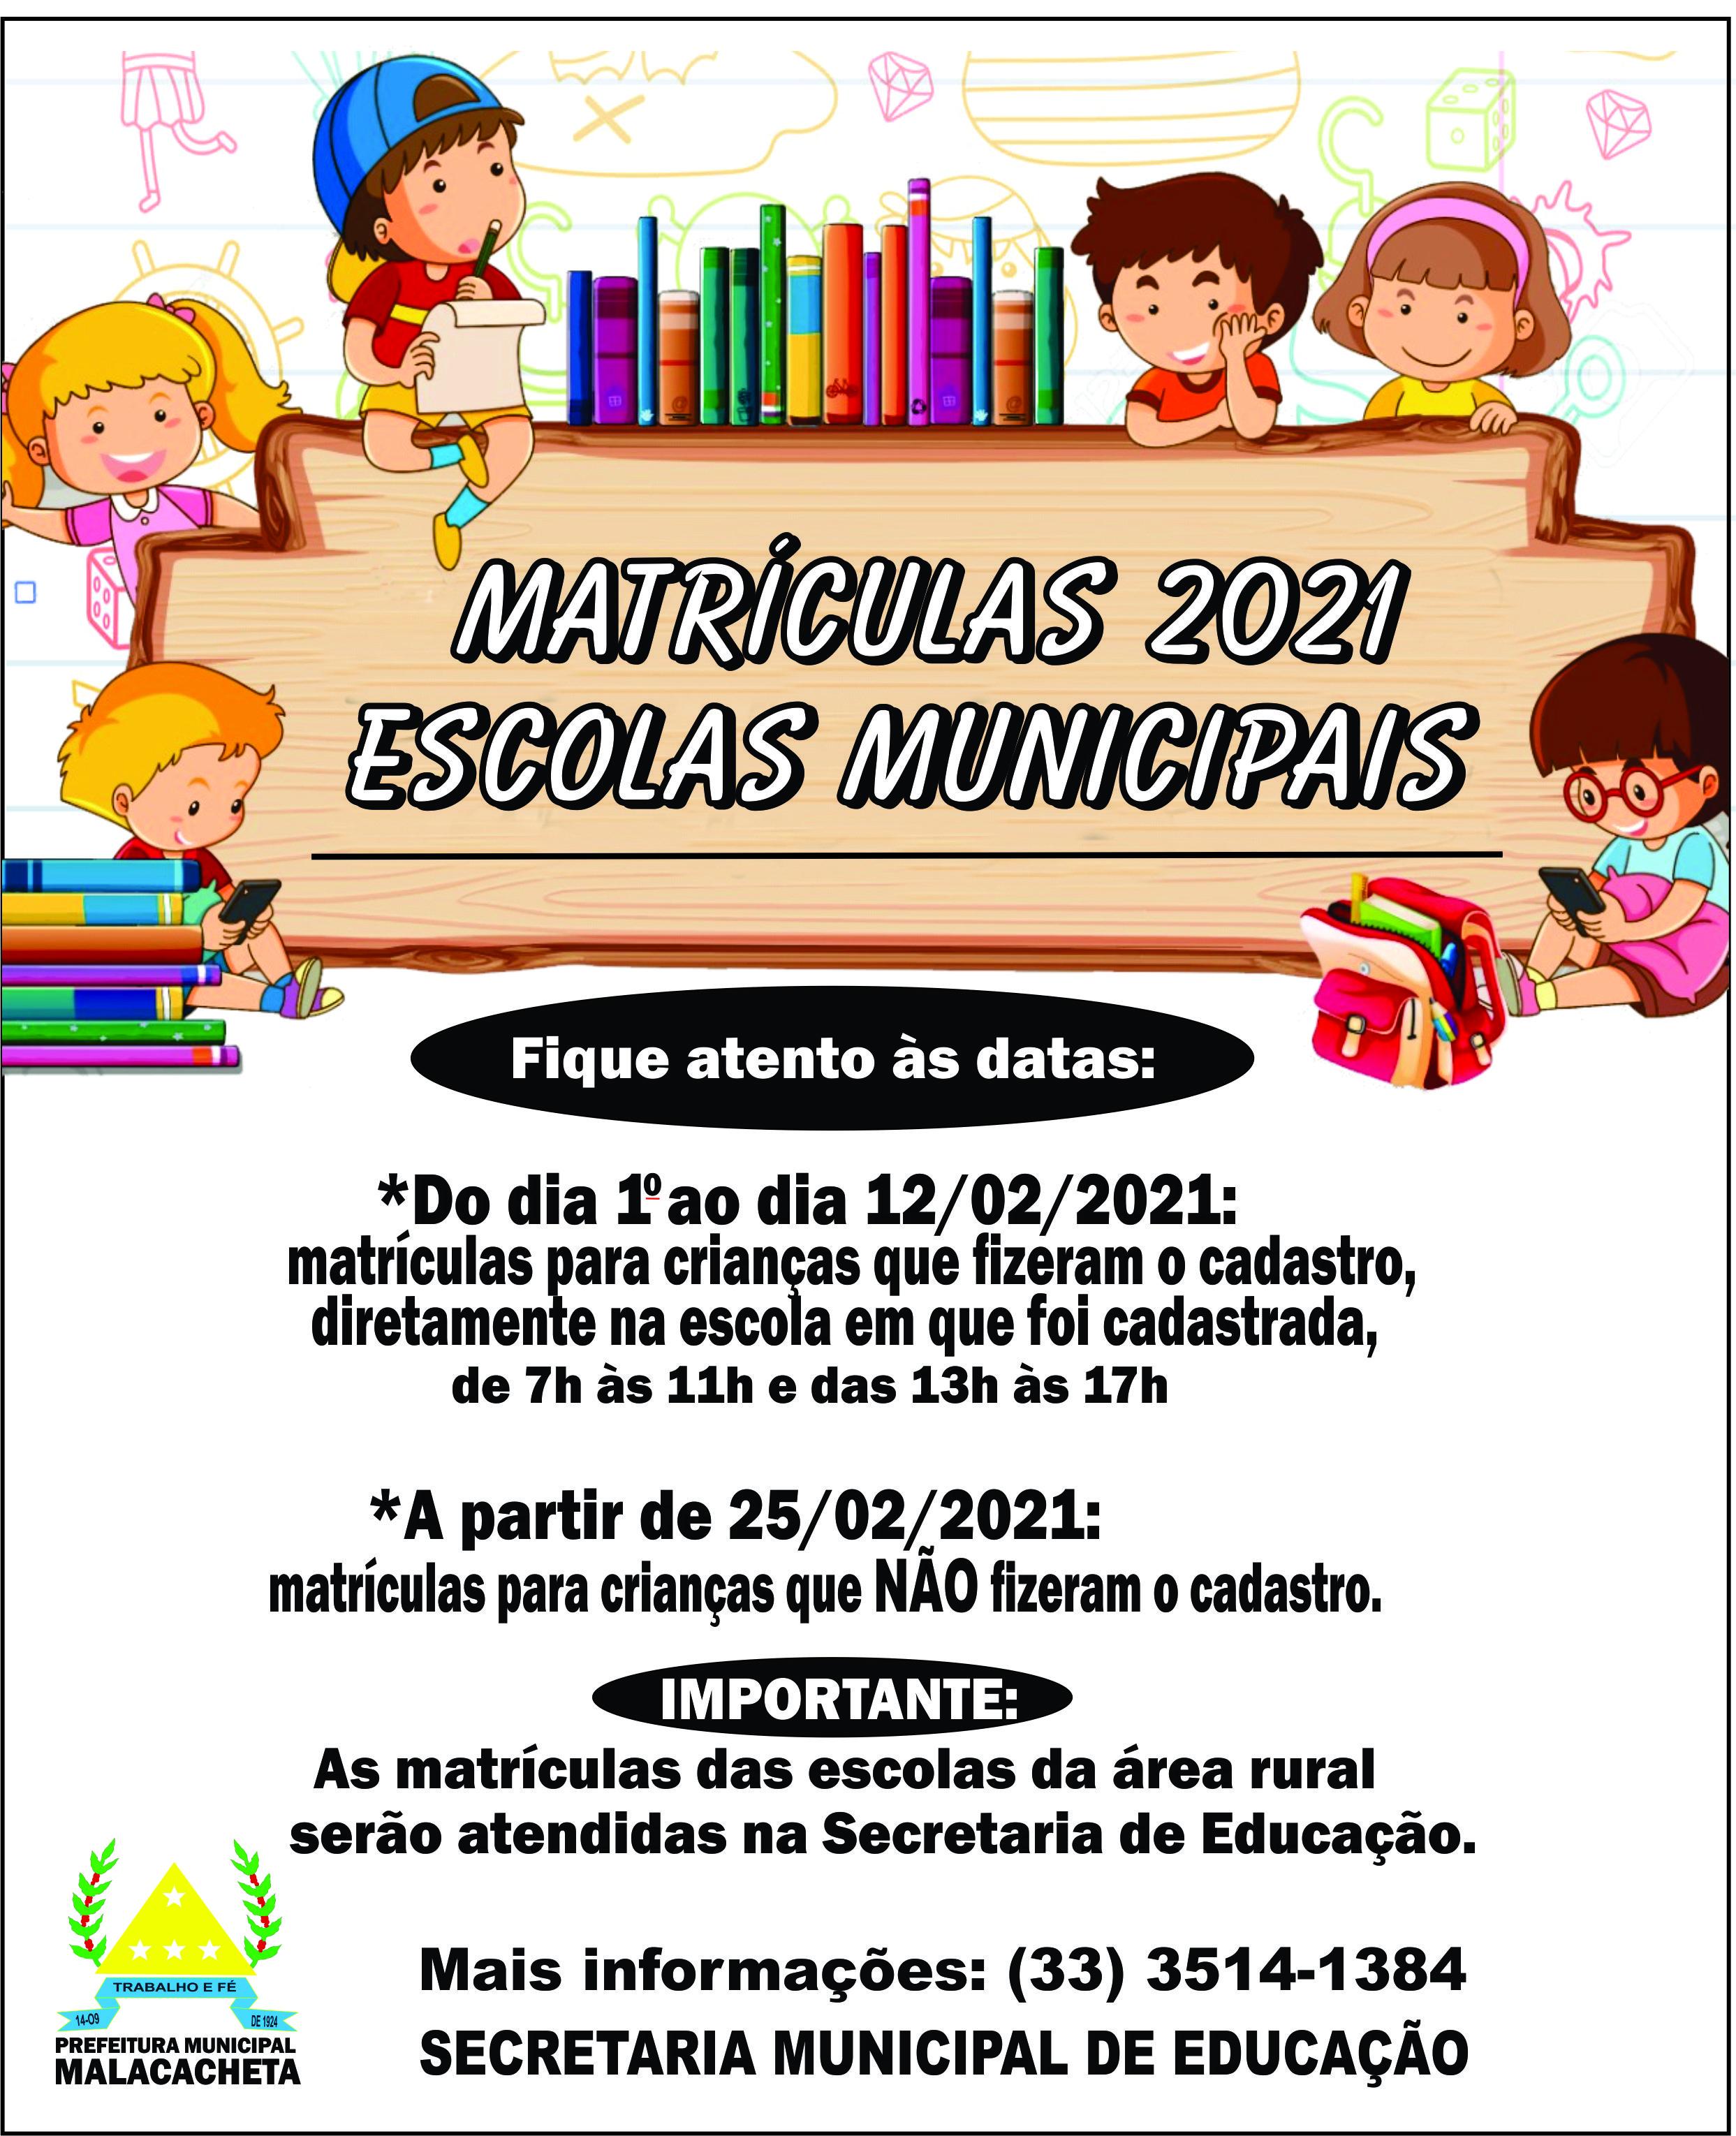 ESCOLAS MUNICIPAIS - MATRÍCULAS 2021